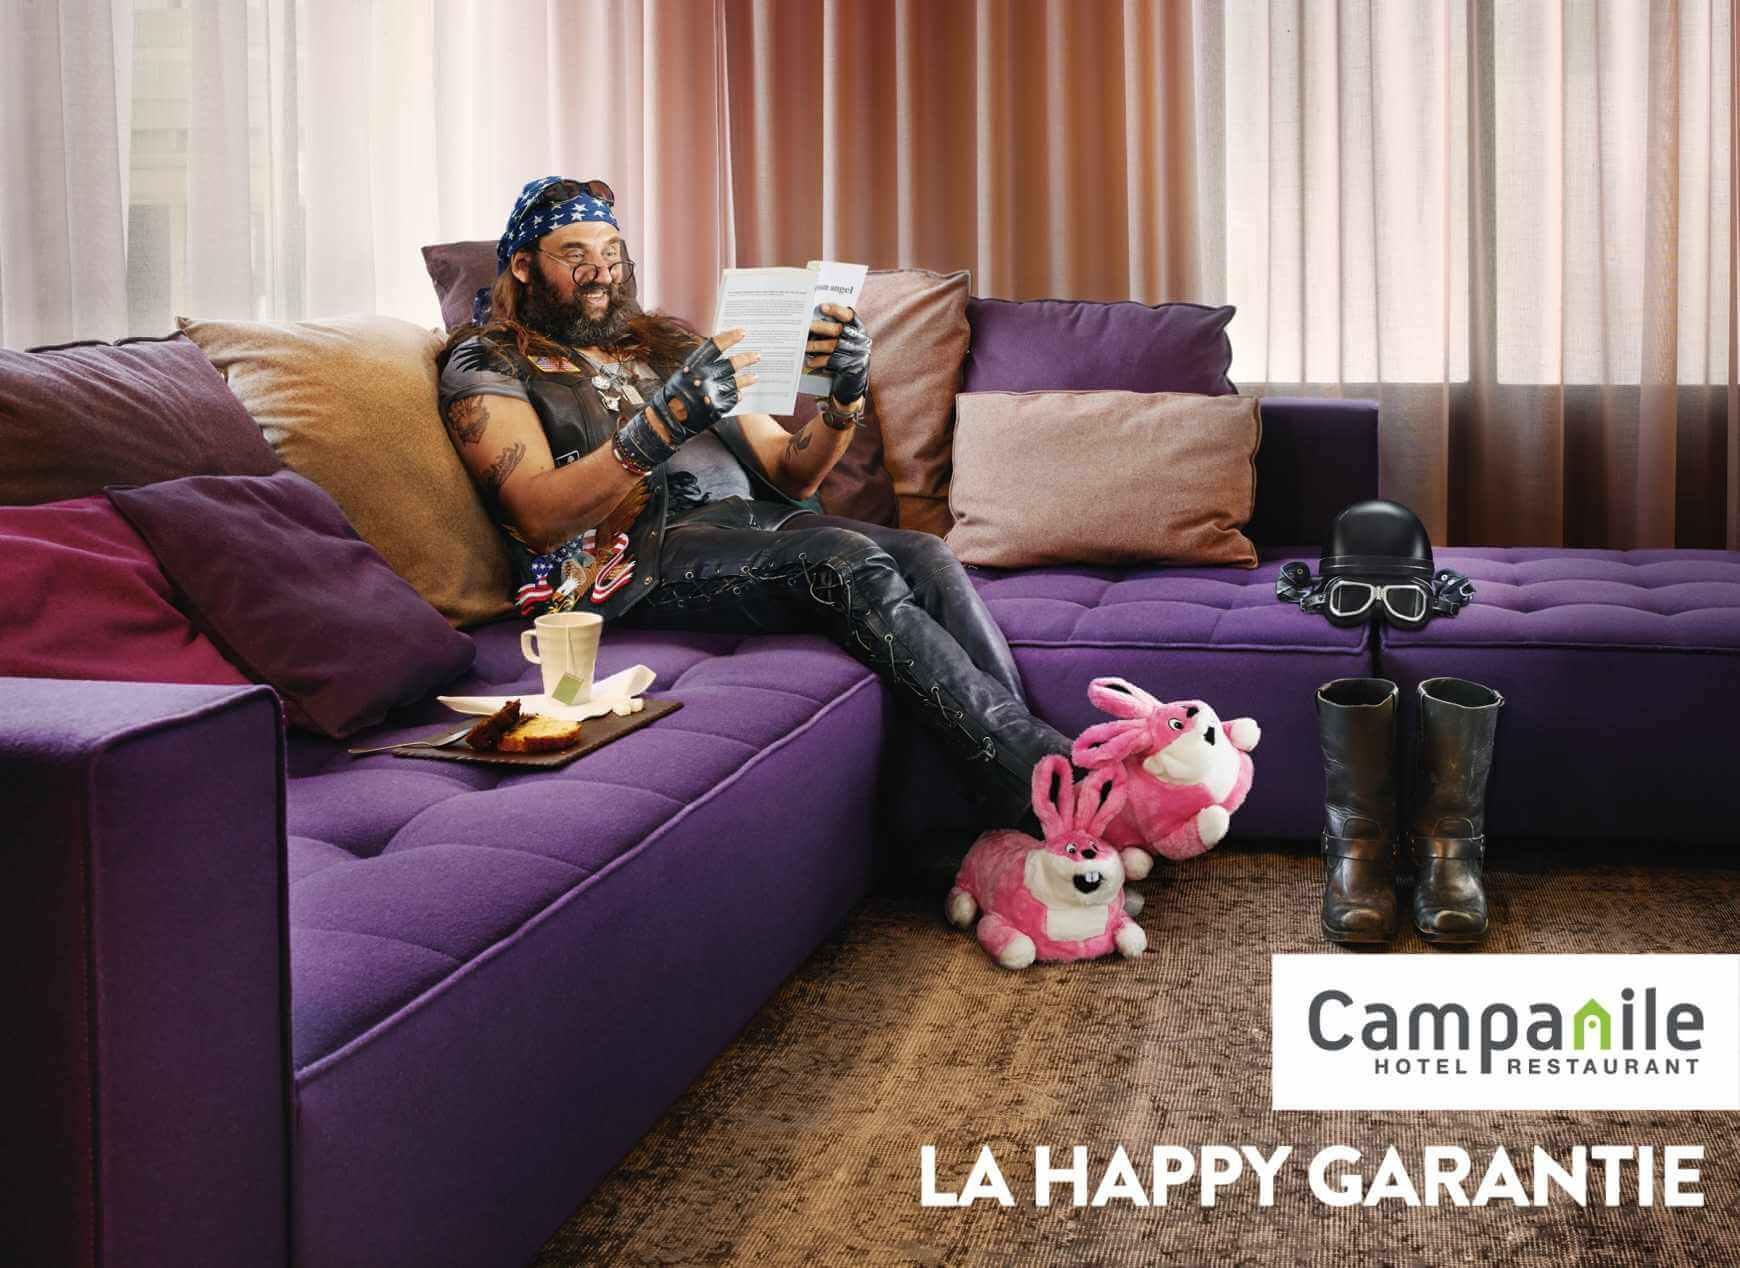 #CuandoLaPublicidad: Garantiza felicidad.